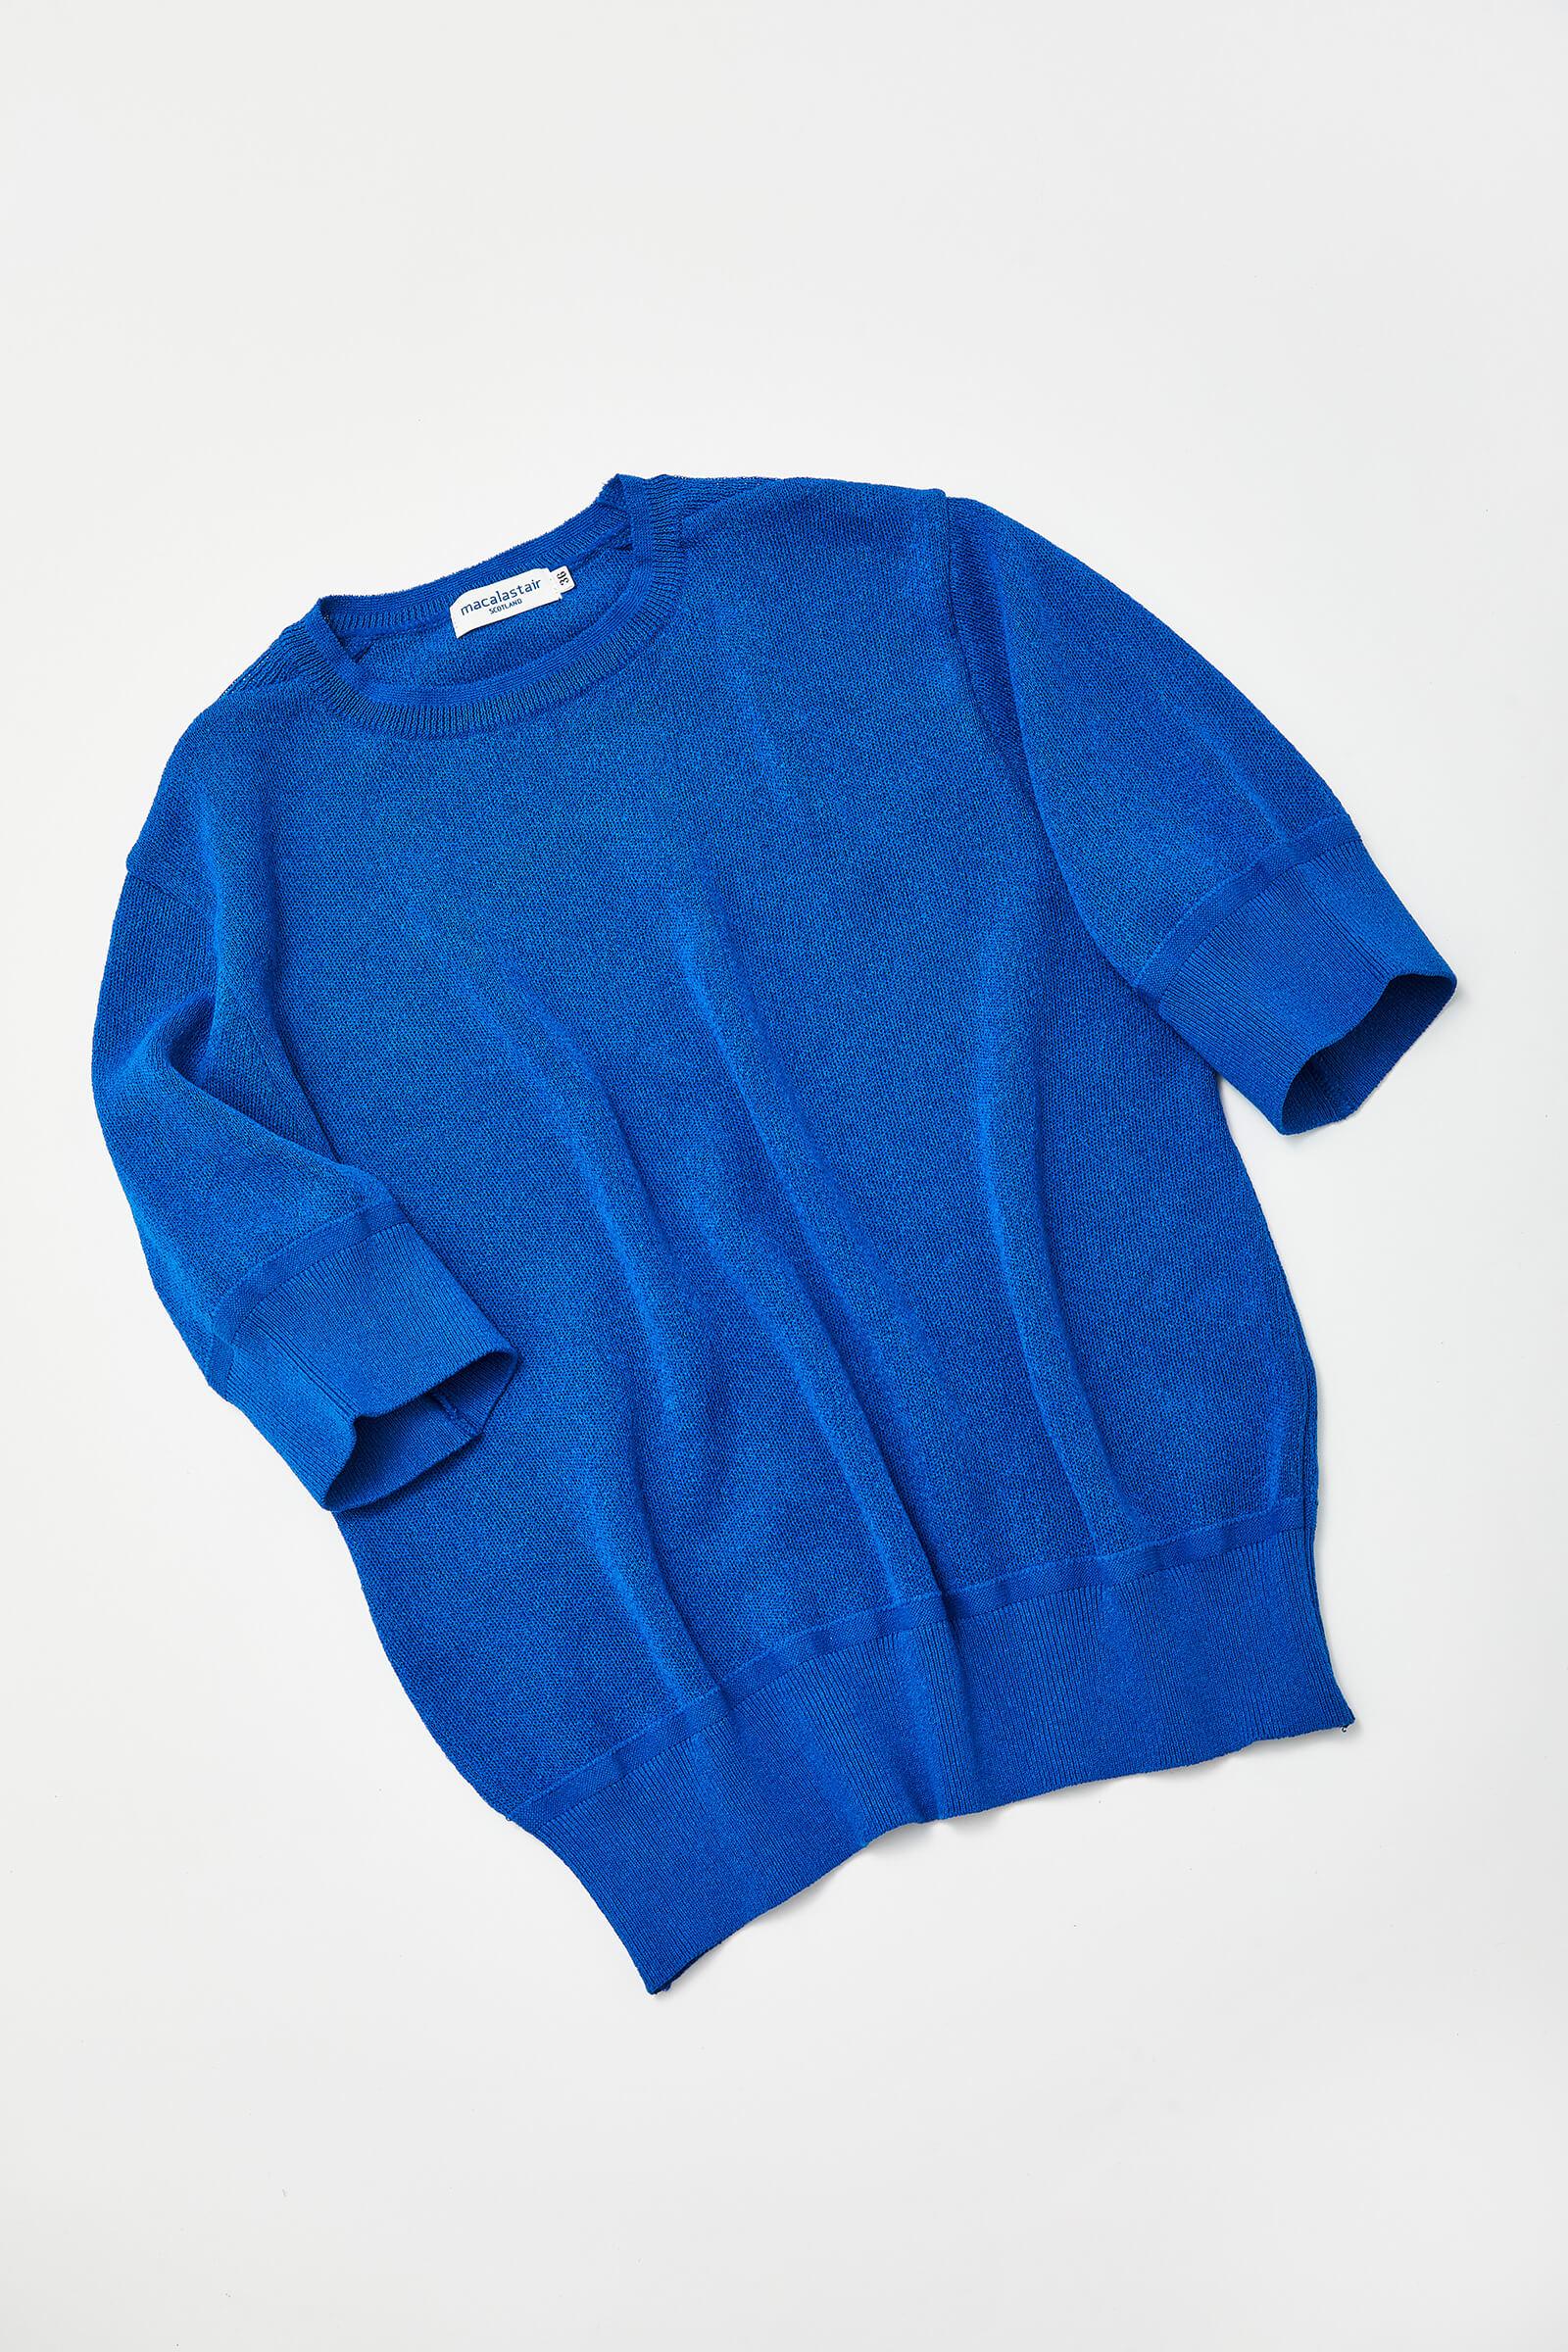 昨年の春夏シーズンに登場し、好評を博したニットTシャツ。袖口をパフ・スリーブにし、裾を長めのリブ仕様に設計することで女性らしいシルエットに